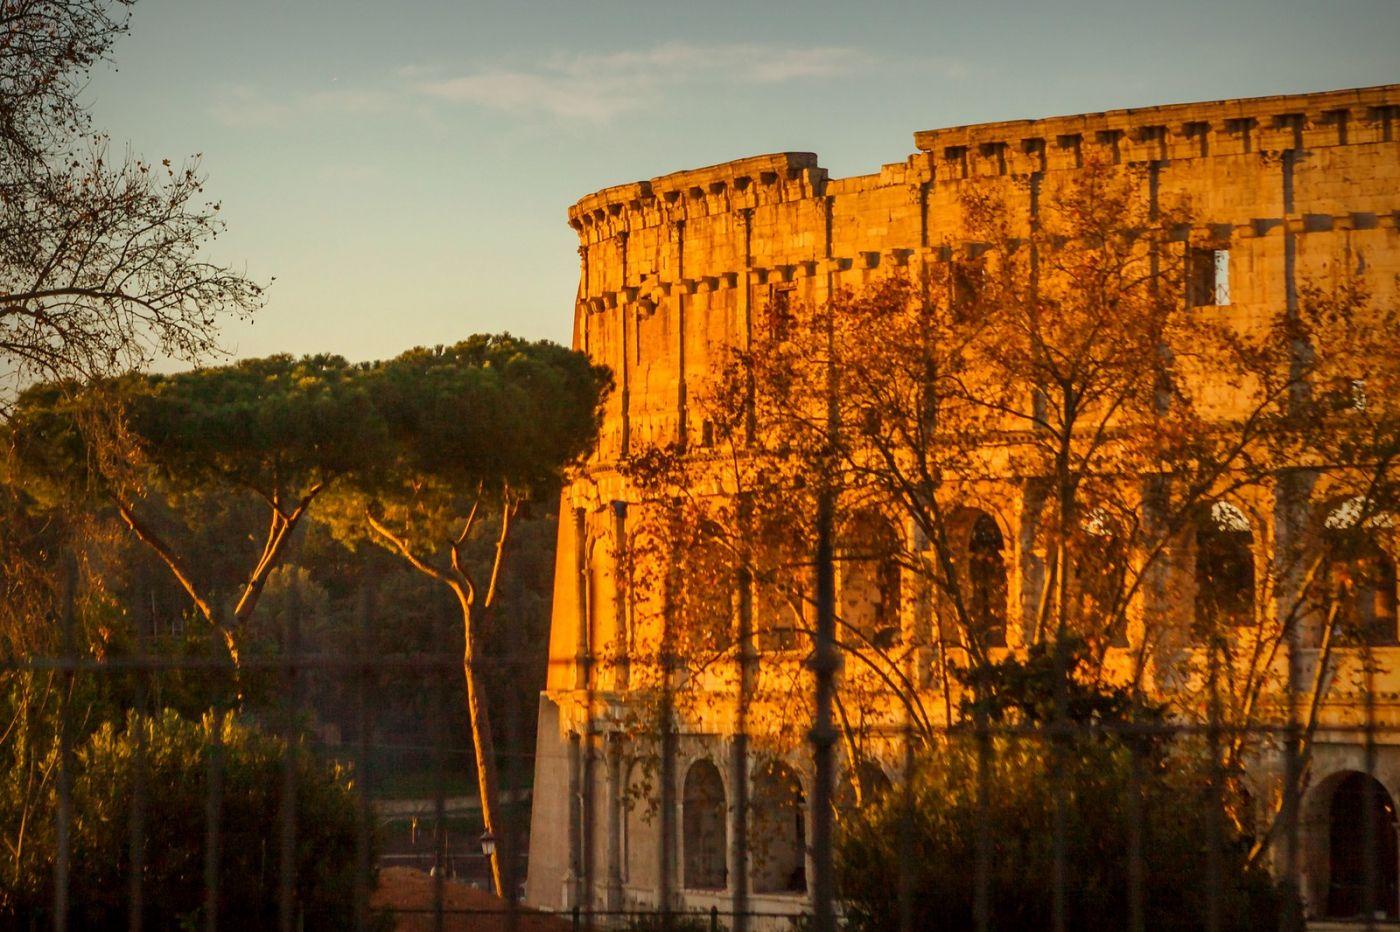 罗马斗兽场(Colosseum), 两千年的宏大建筑古迹_图1-15